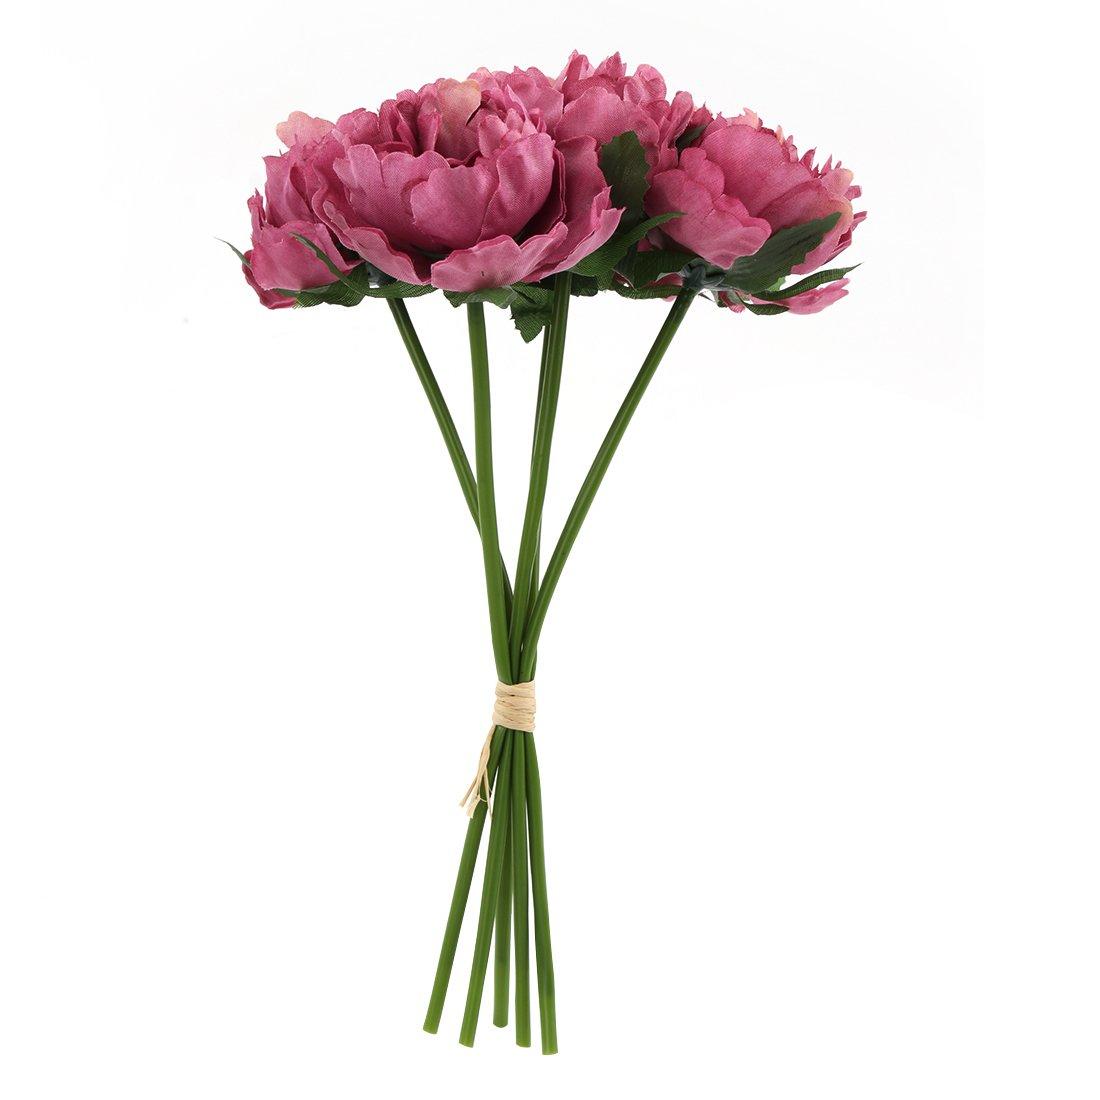 ABBQT, Flor de peonía Artificial de Seda, Tallo Largo, Flores de plástico Falsas para el hogar, jardín, Fiesta, Boda…